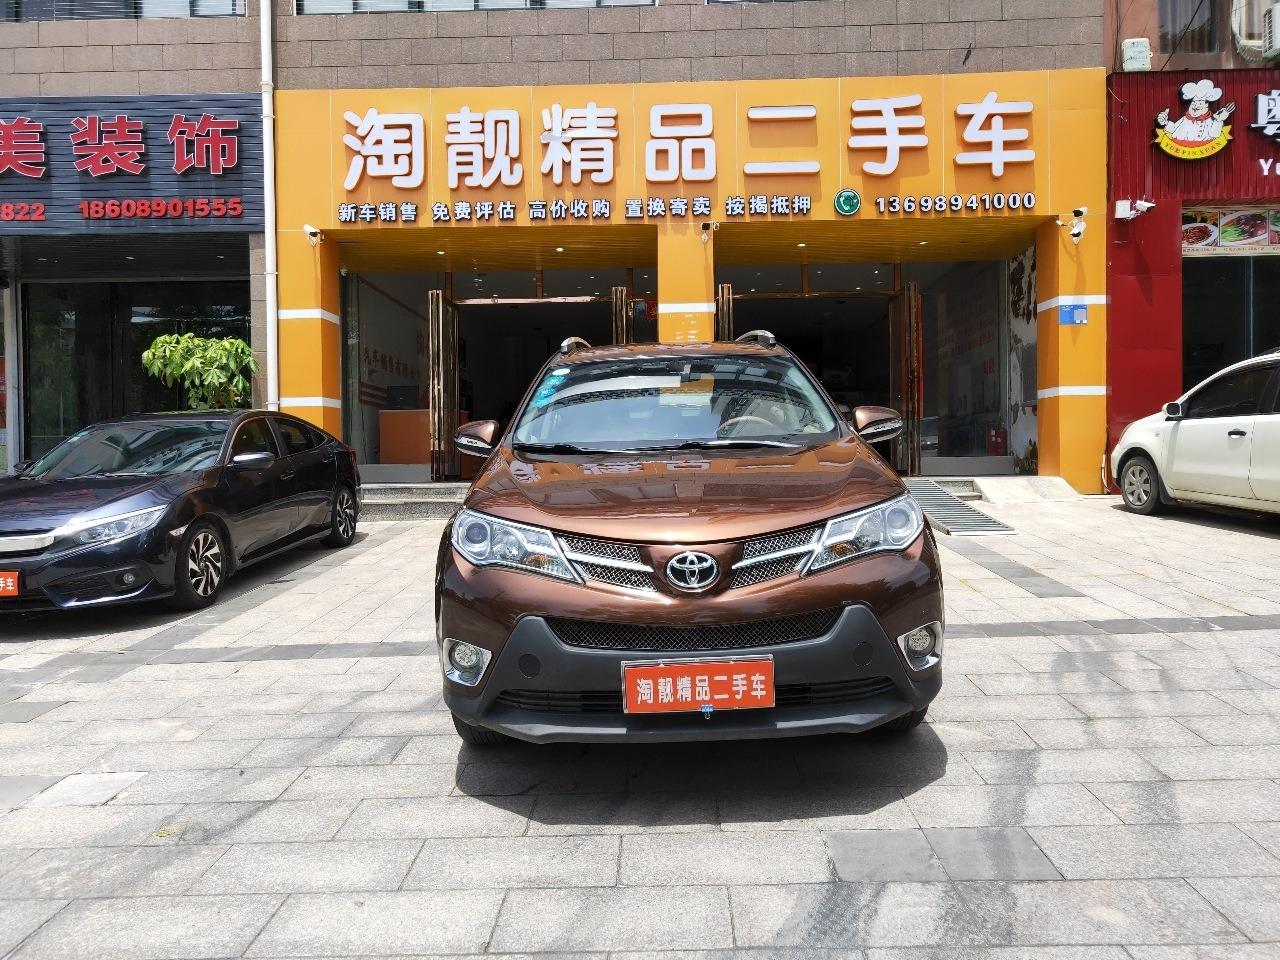 2014年 2.0丰田RAV4 低价出售 首付两万